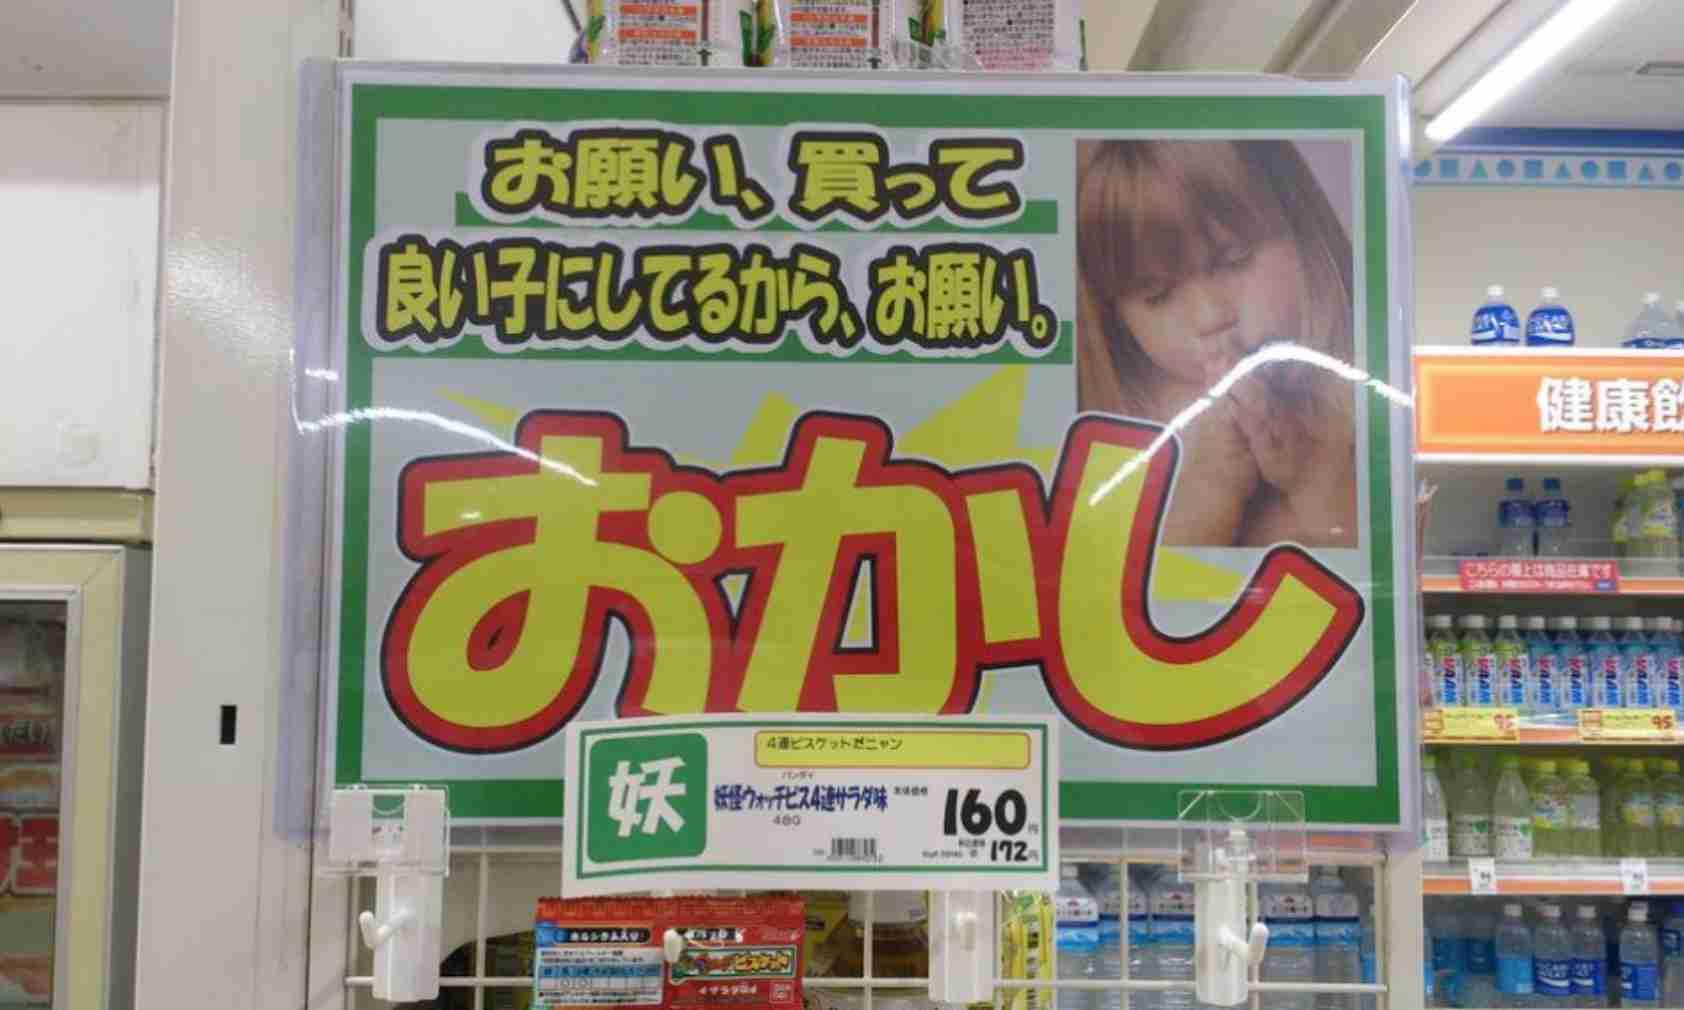 【ポップ】いろいろなポップ広告が見たいです。【POP】